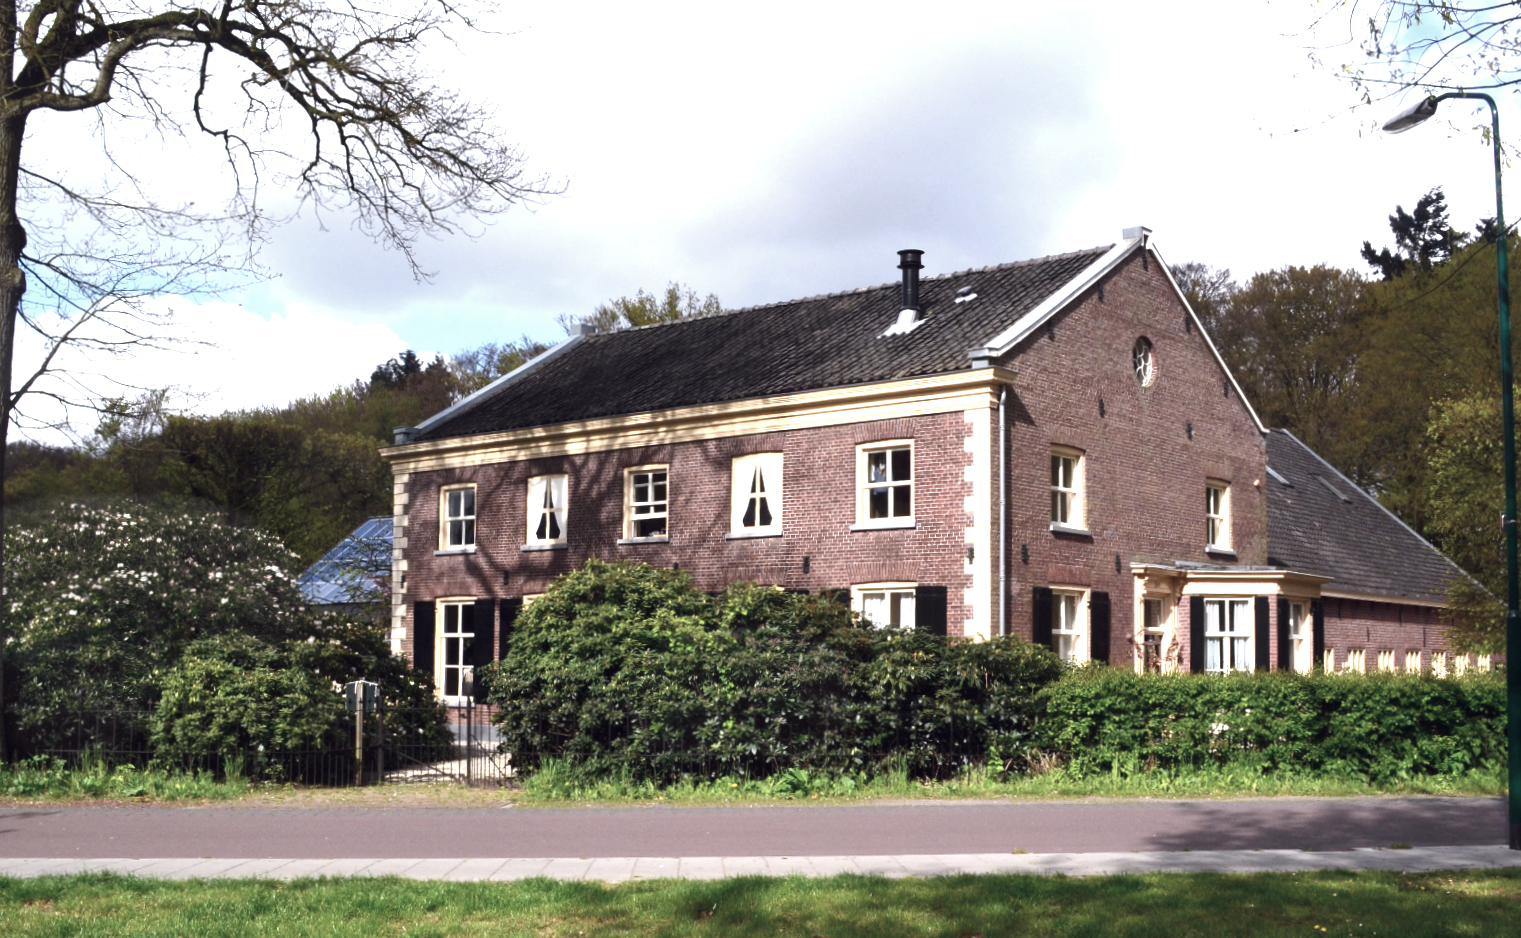 2014 Boerderij De Engh - Driebergen